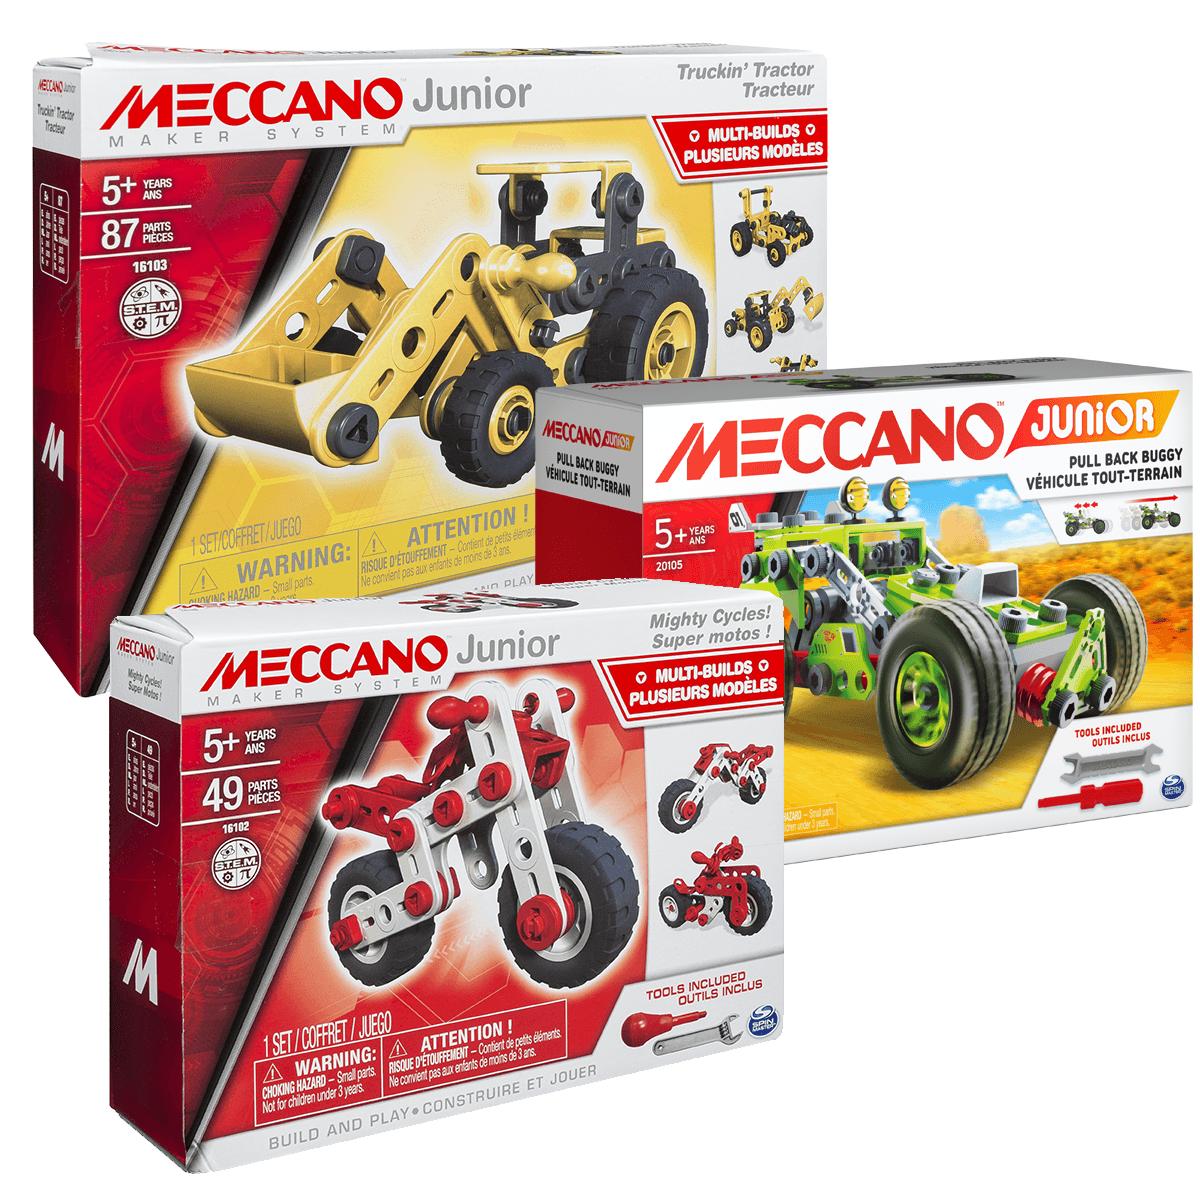 Meccano Nouveau Pack Junior Les bons plans